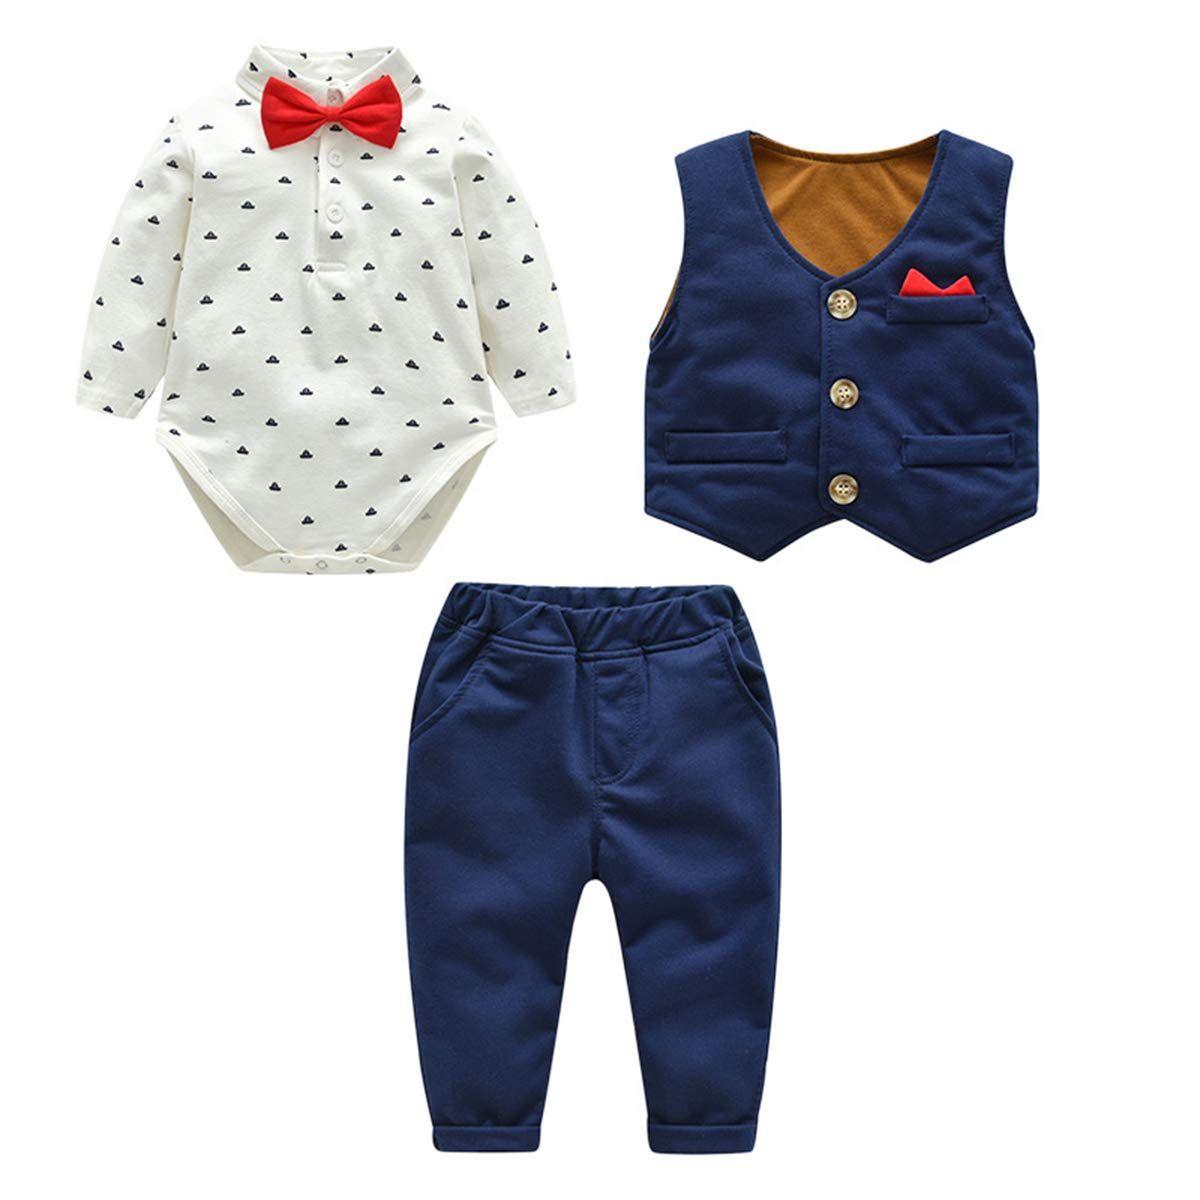 Kanodan Baby Junge Smokings Kinder Anzug Hochzeit Partei Taufe Bekleidungsset In 2020 Anzug Baby Junge Kinder Anzug Baby Anzug